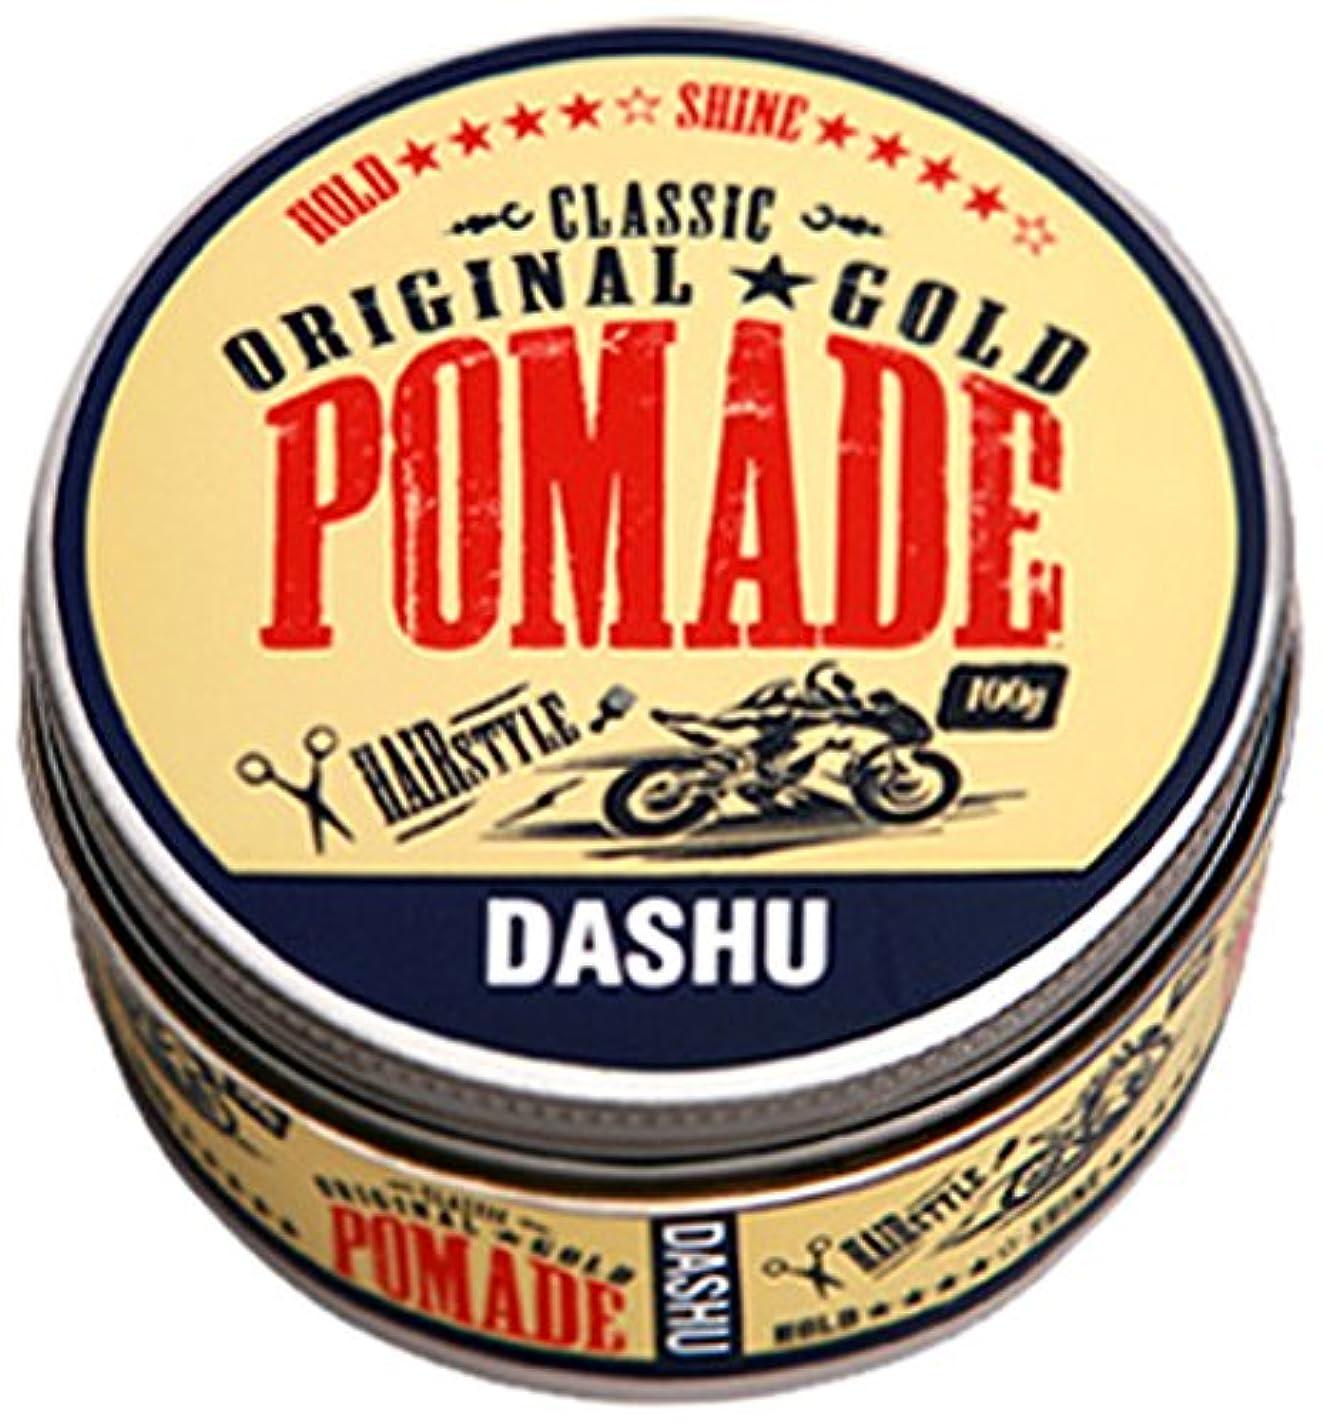 エール大胆なミュージカル[DASHU] ダシュ クラシックオリジナルゴールドポマードヘアワックス Classic Original Gold Pomade Hair Wax 100ml / 韓国製 . 韓国直送品